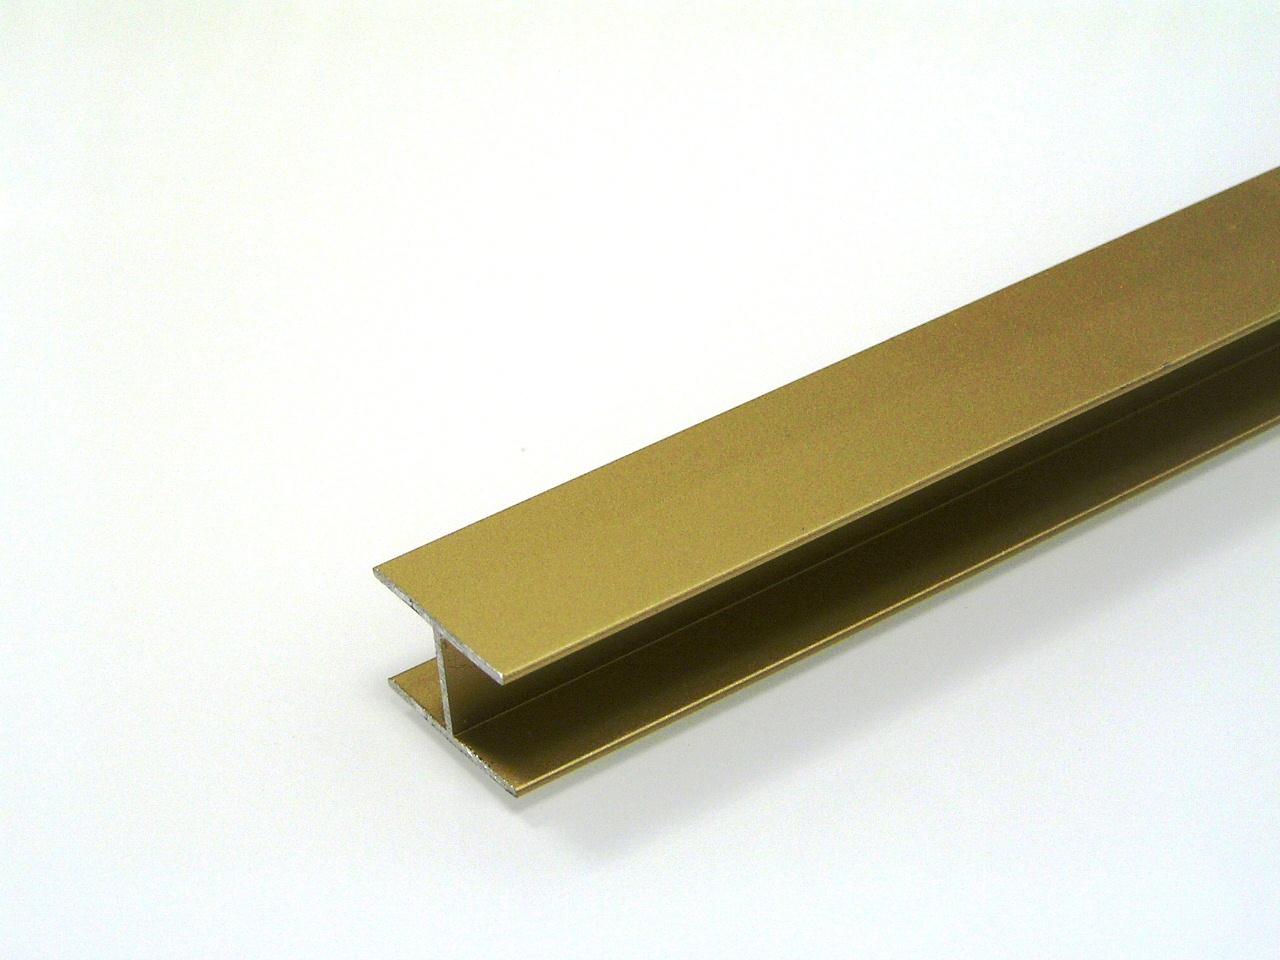 АФ Профиль соединительный, золото белое, 6000мм